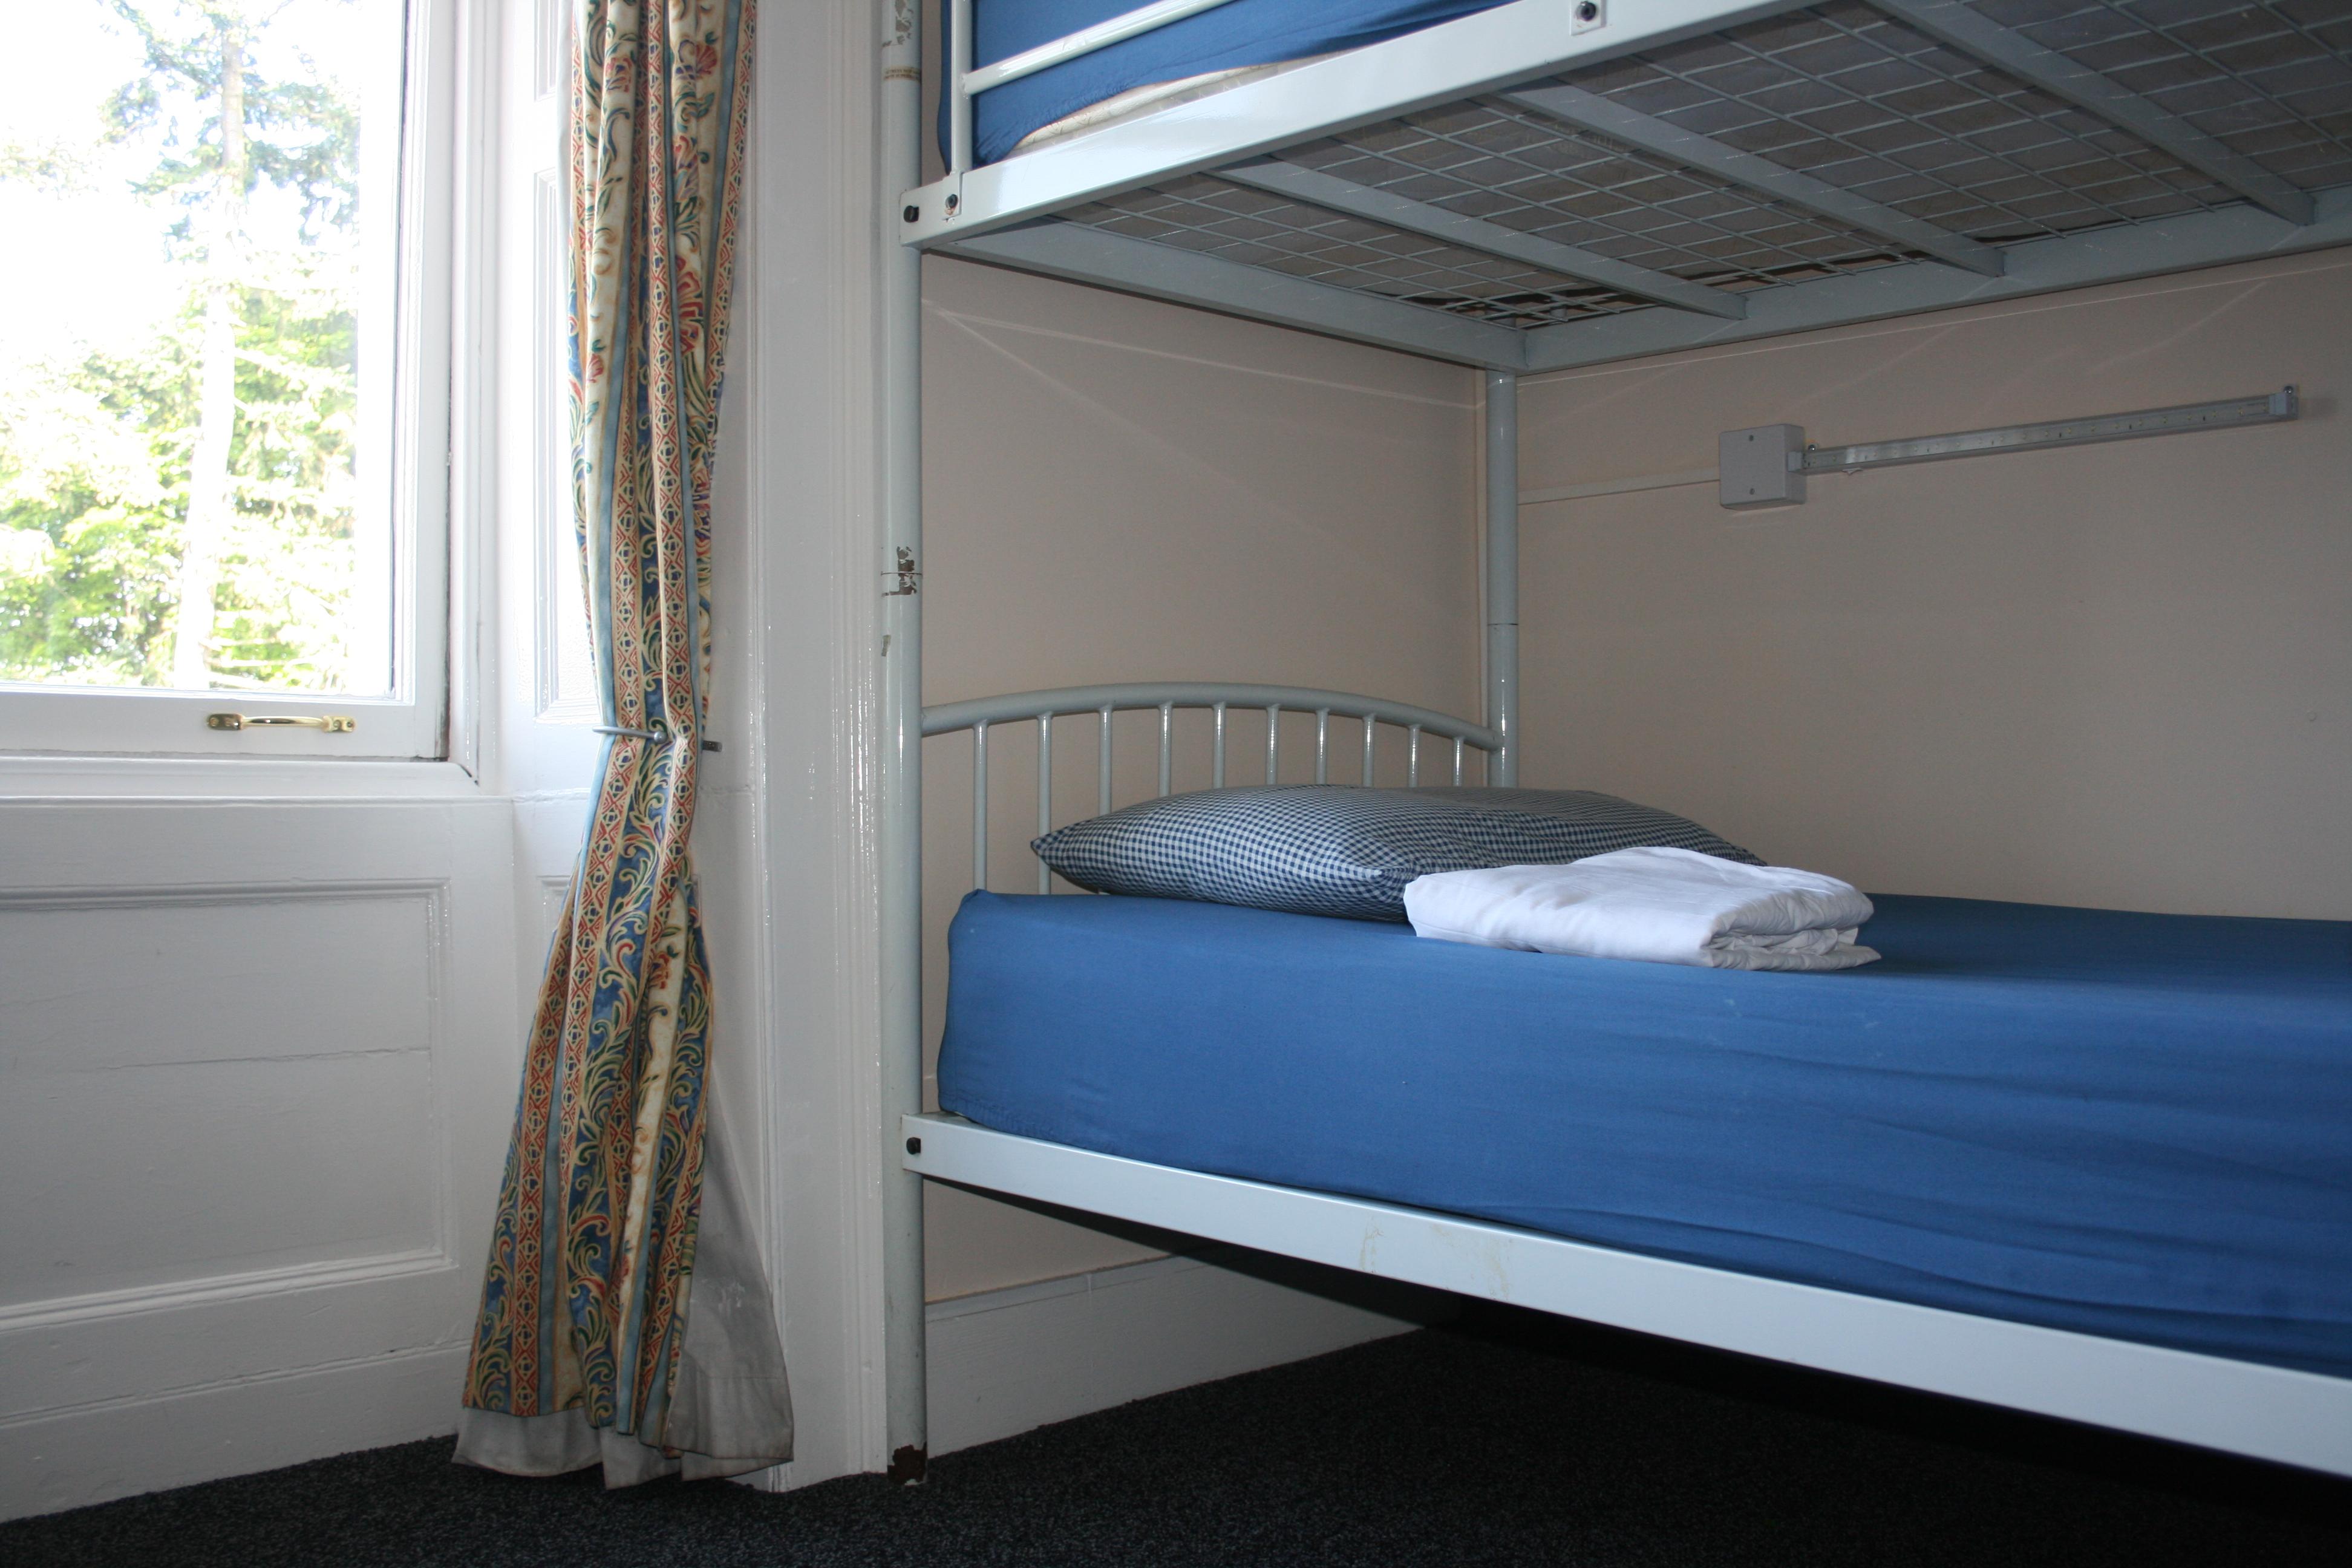 paturi suprapuse pentru spatii mici